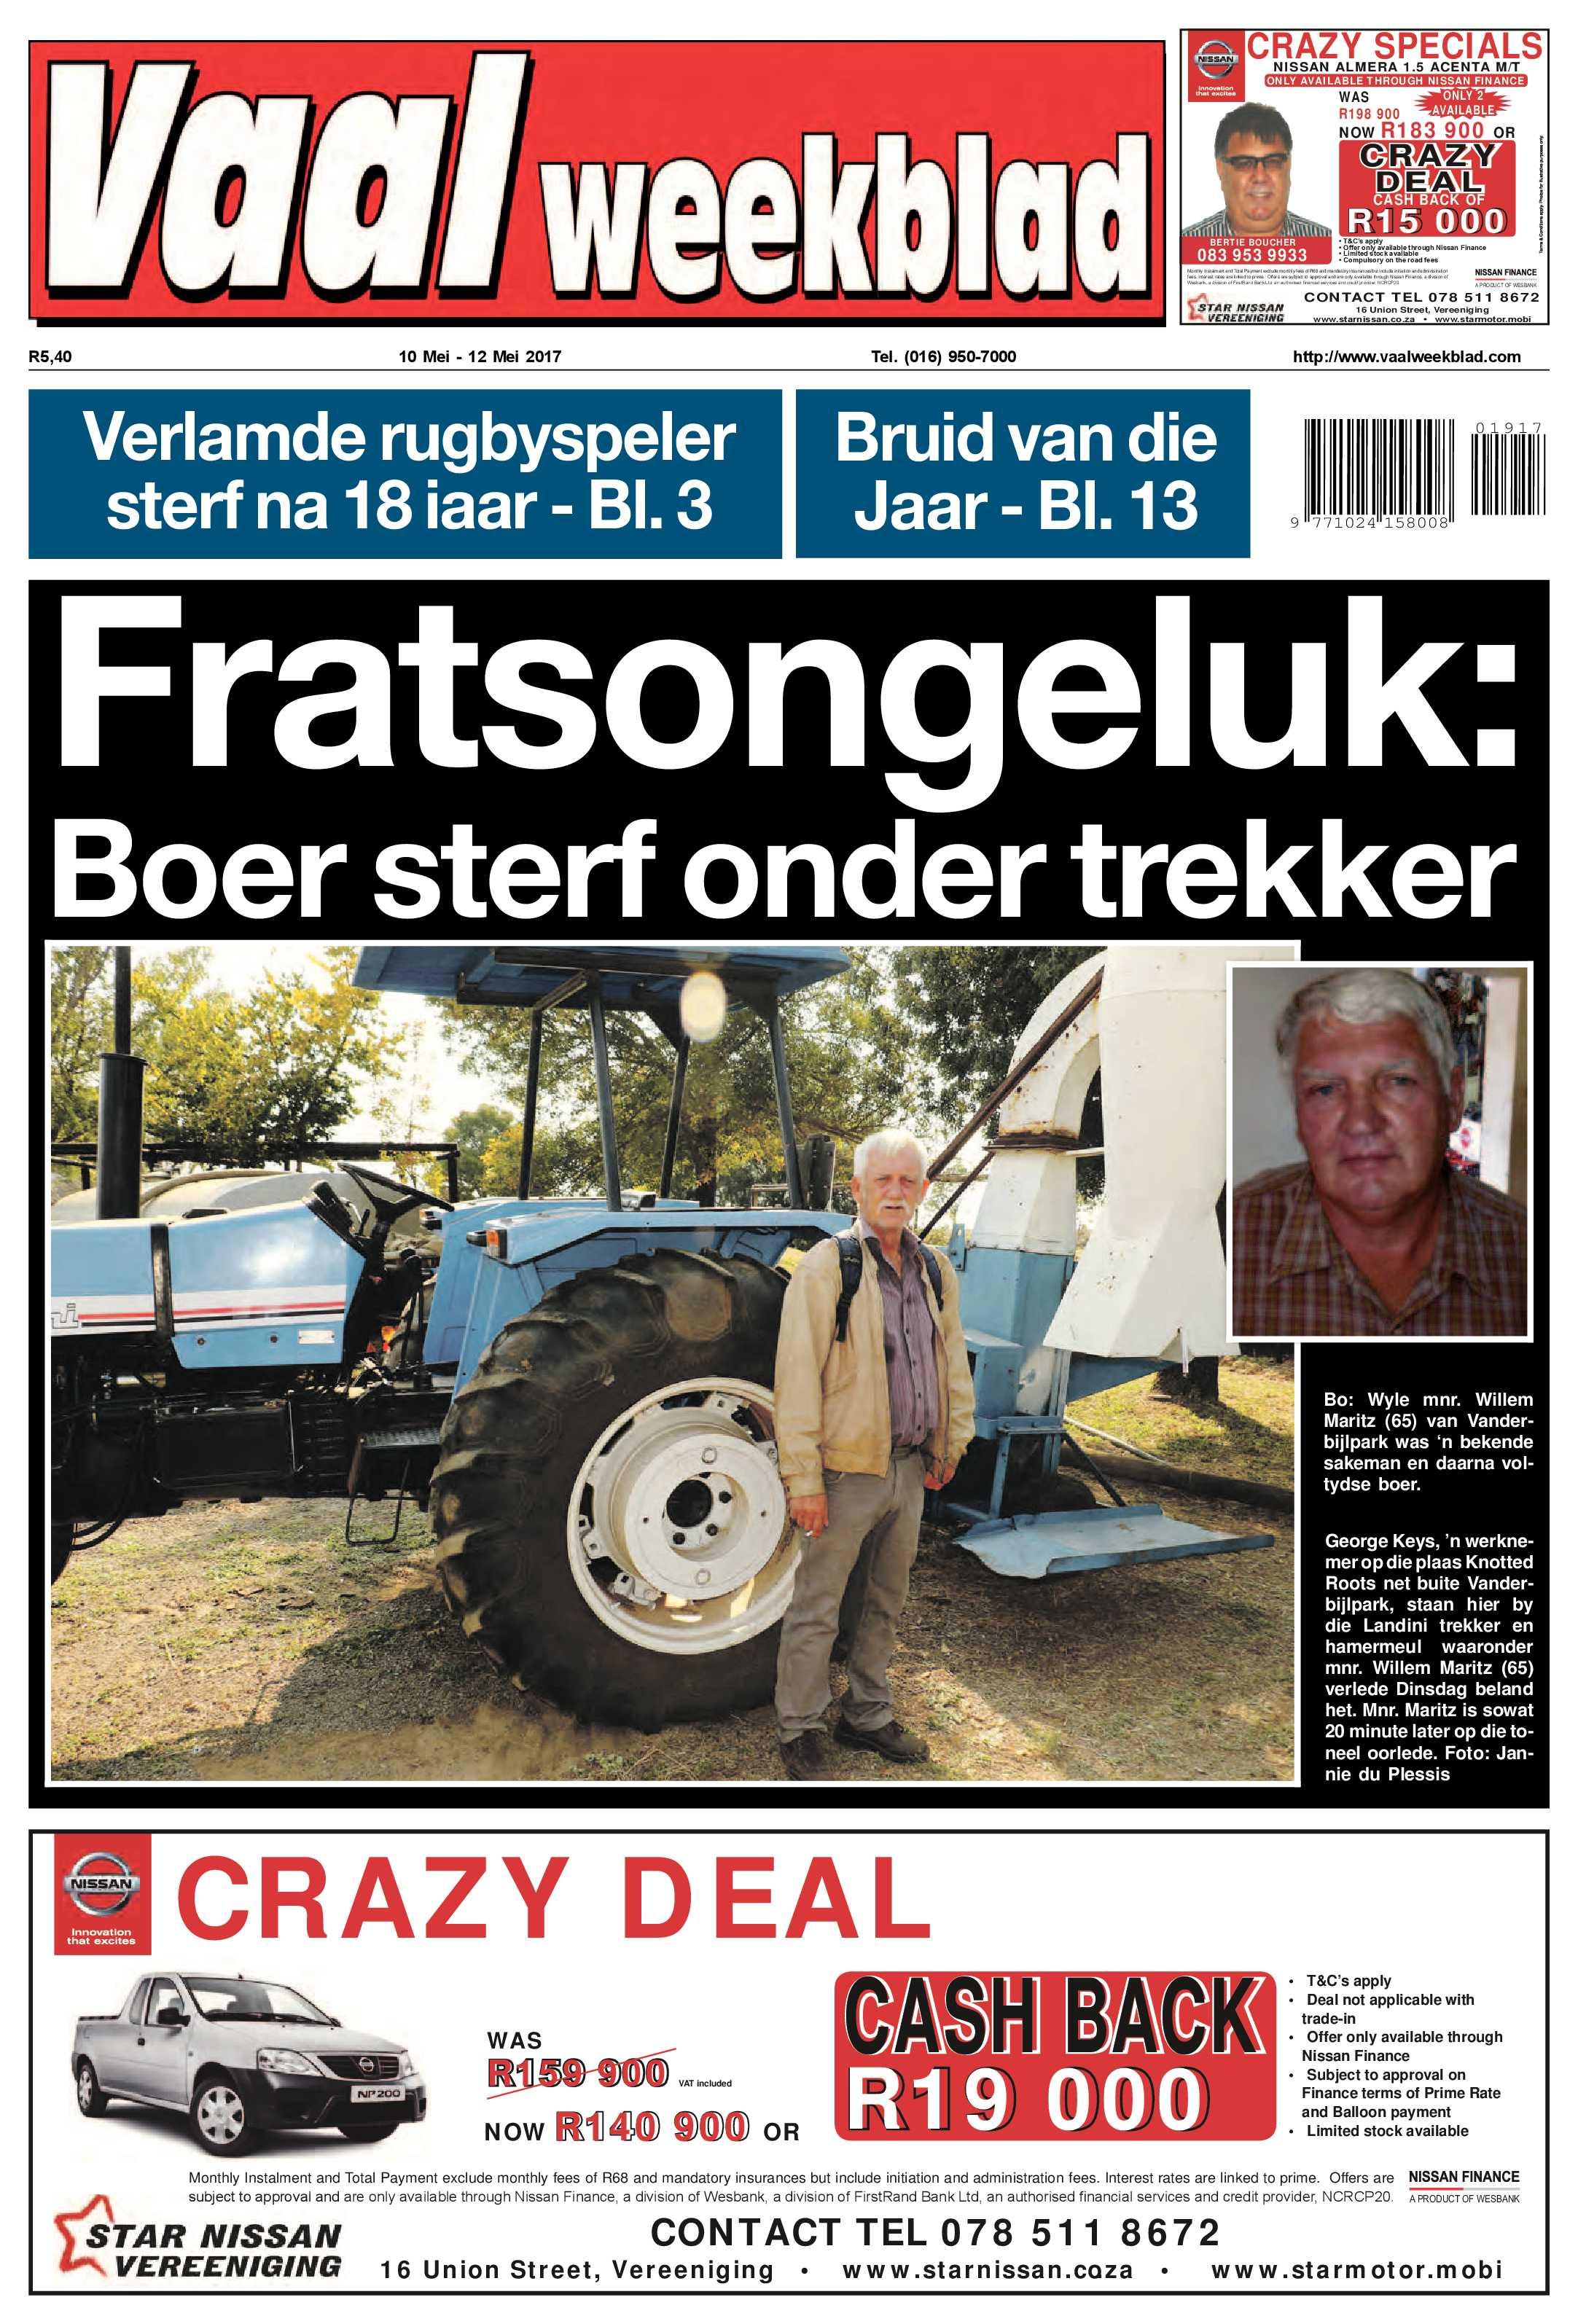 vaalweekblad-10-12-mei-2017-epapers-page-1